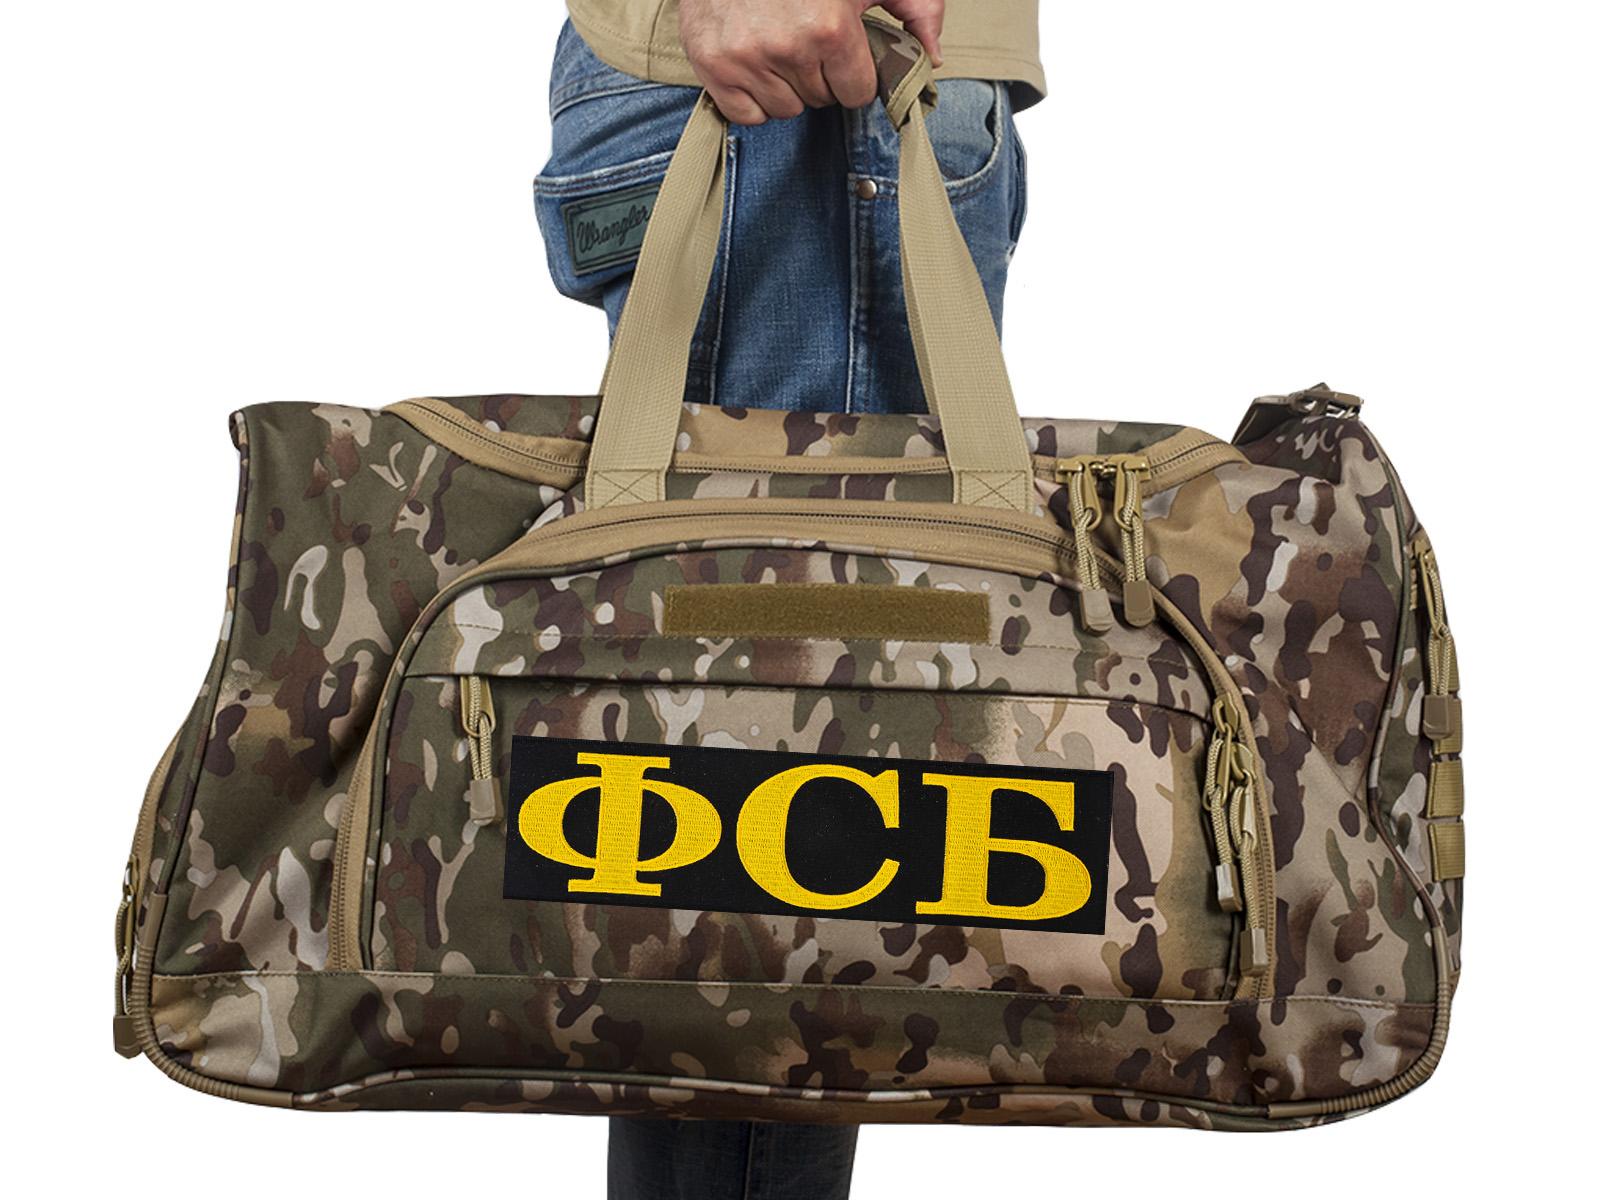 Купить мужскую военную сумку ФСБ, код 08032B по специальной цене онлайн